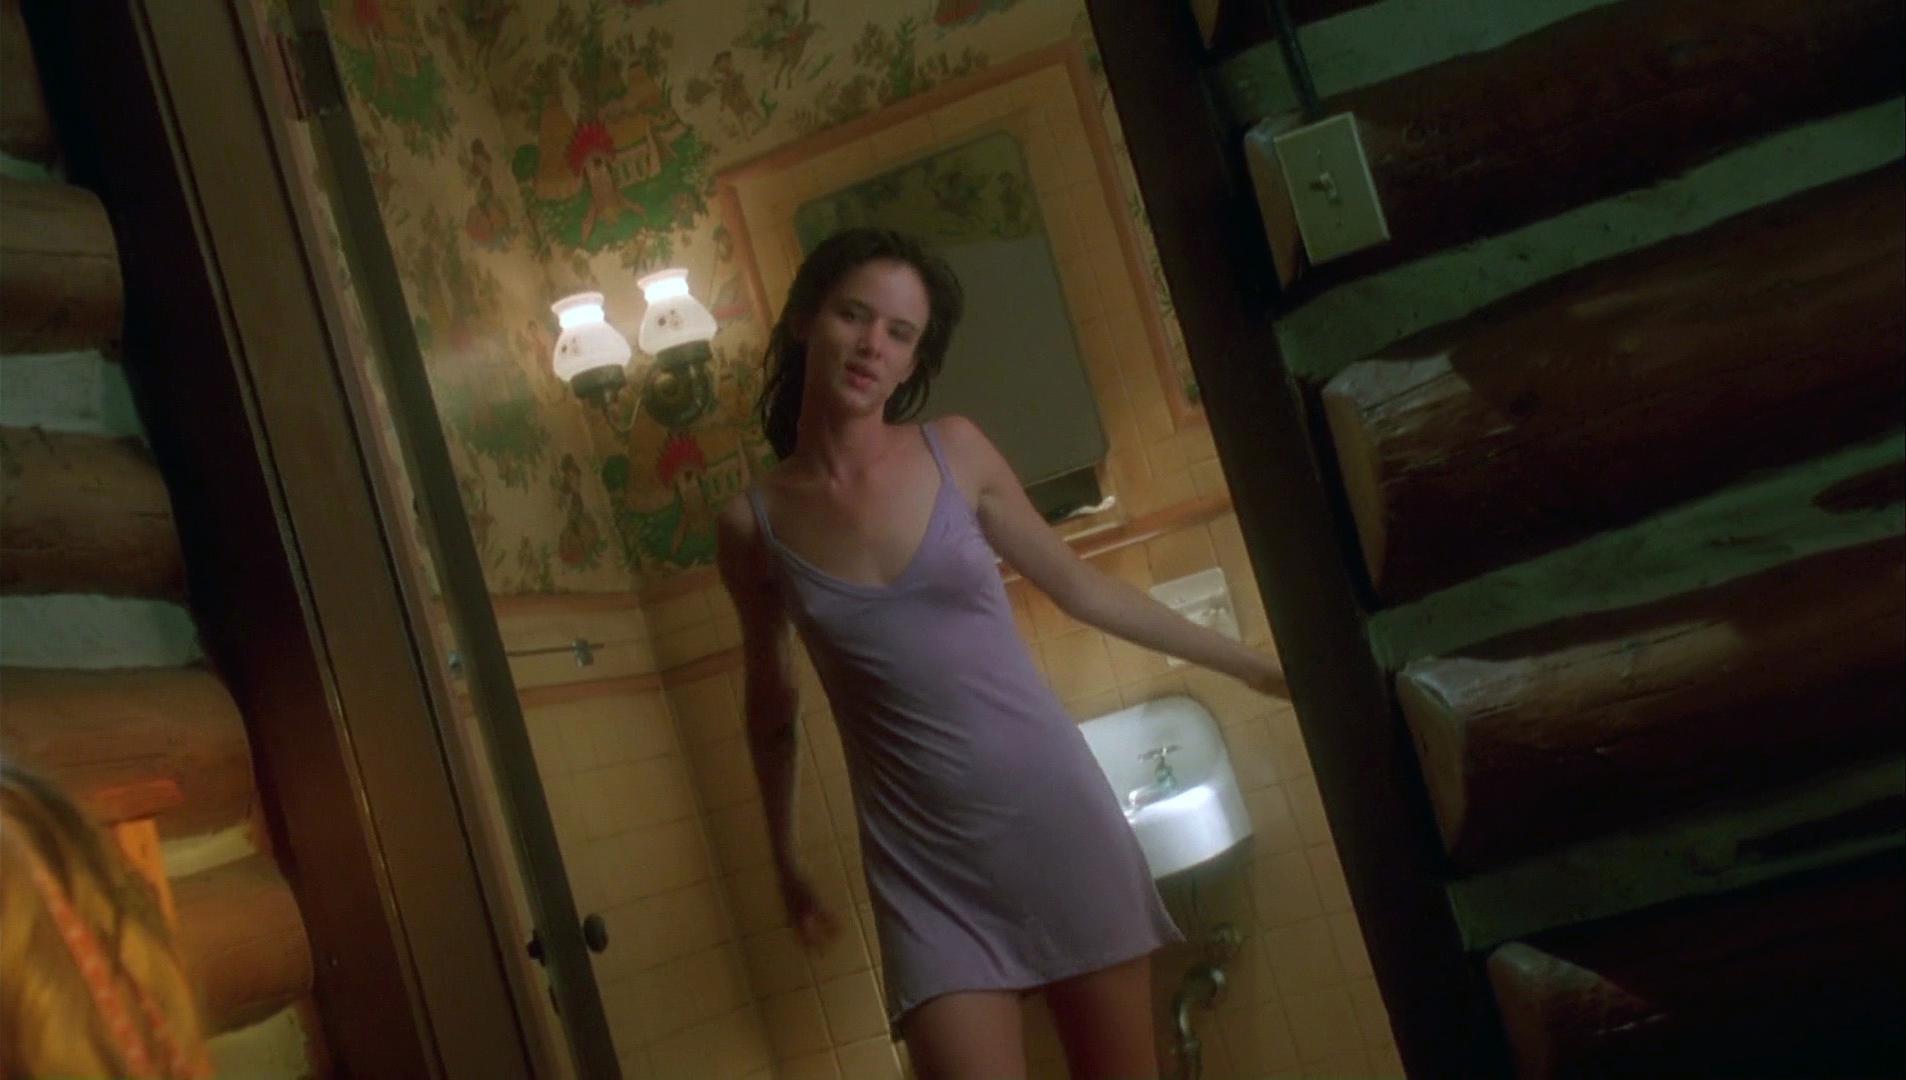 Juliette lewis nude boobs in strange days scandalplanetcom - 2 part 3